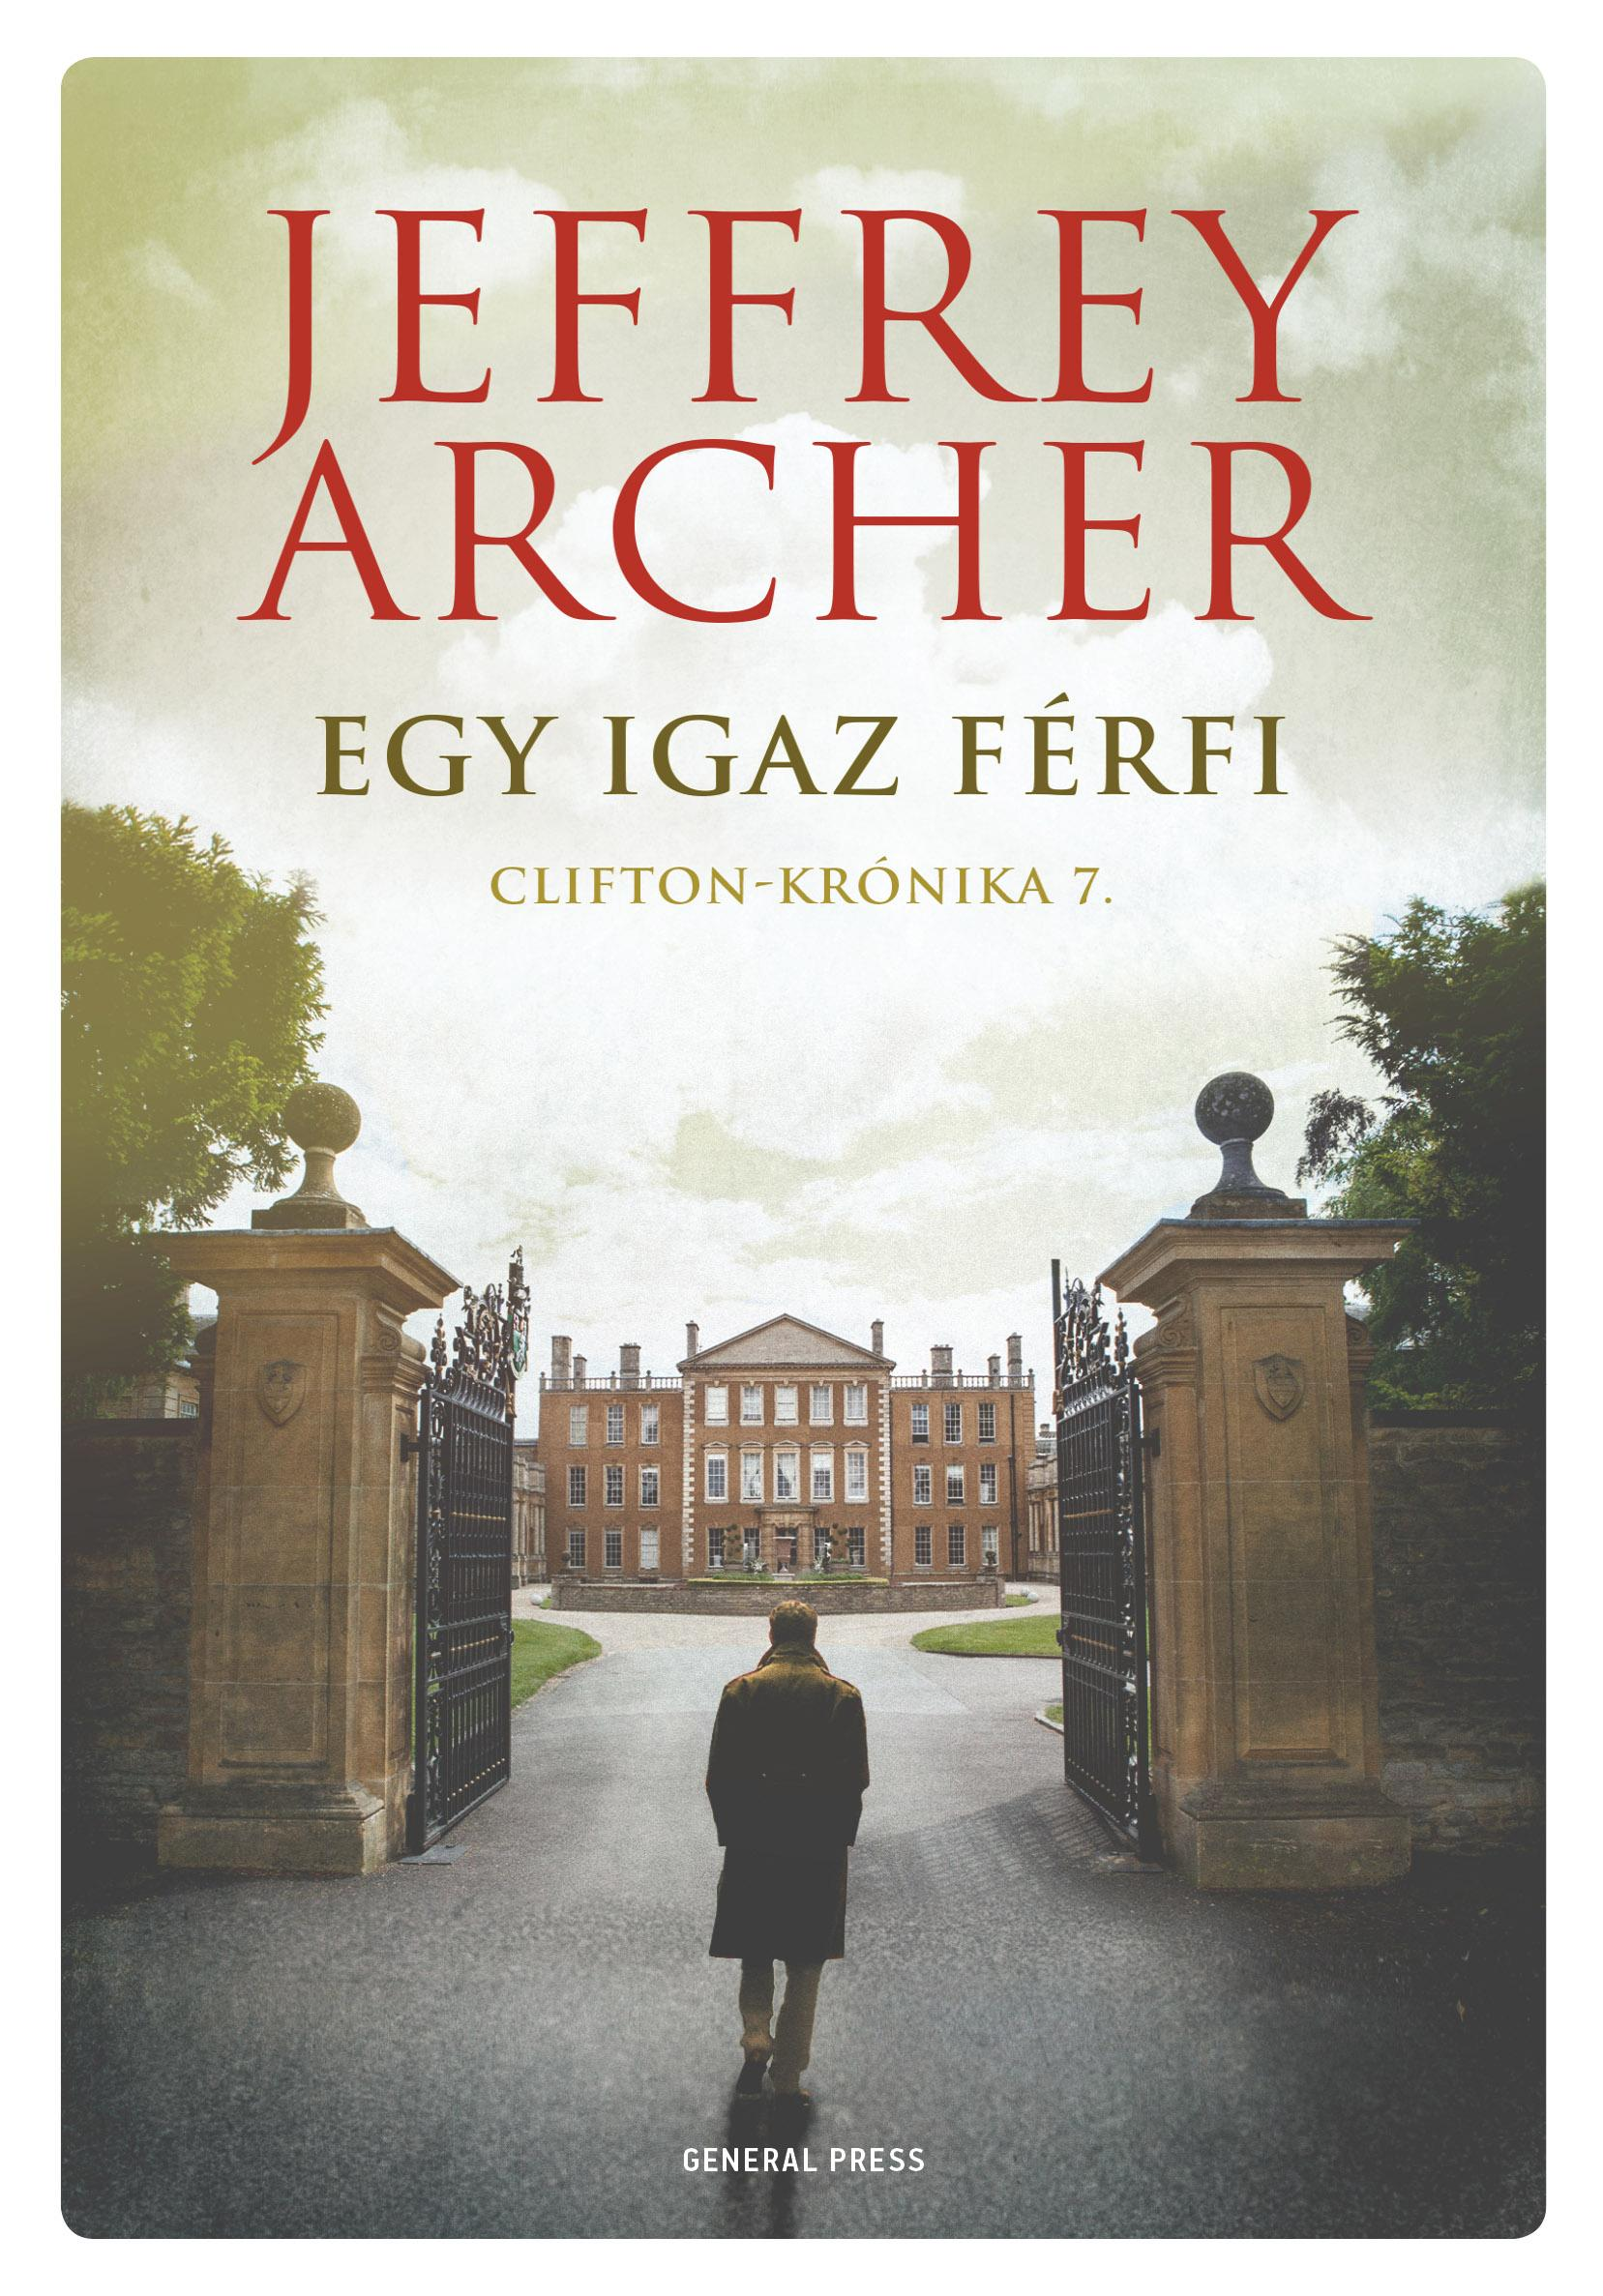 9789634520016 - Jeffrey Archer: Egy igaz férfi - Clifton-krónika 7. - Könyv